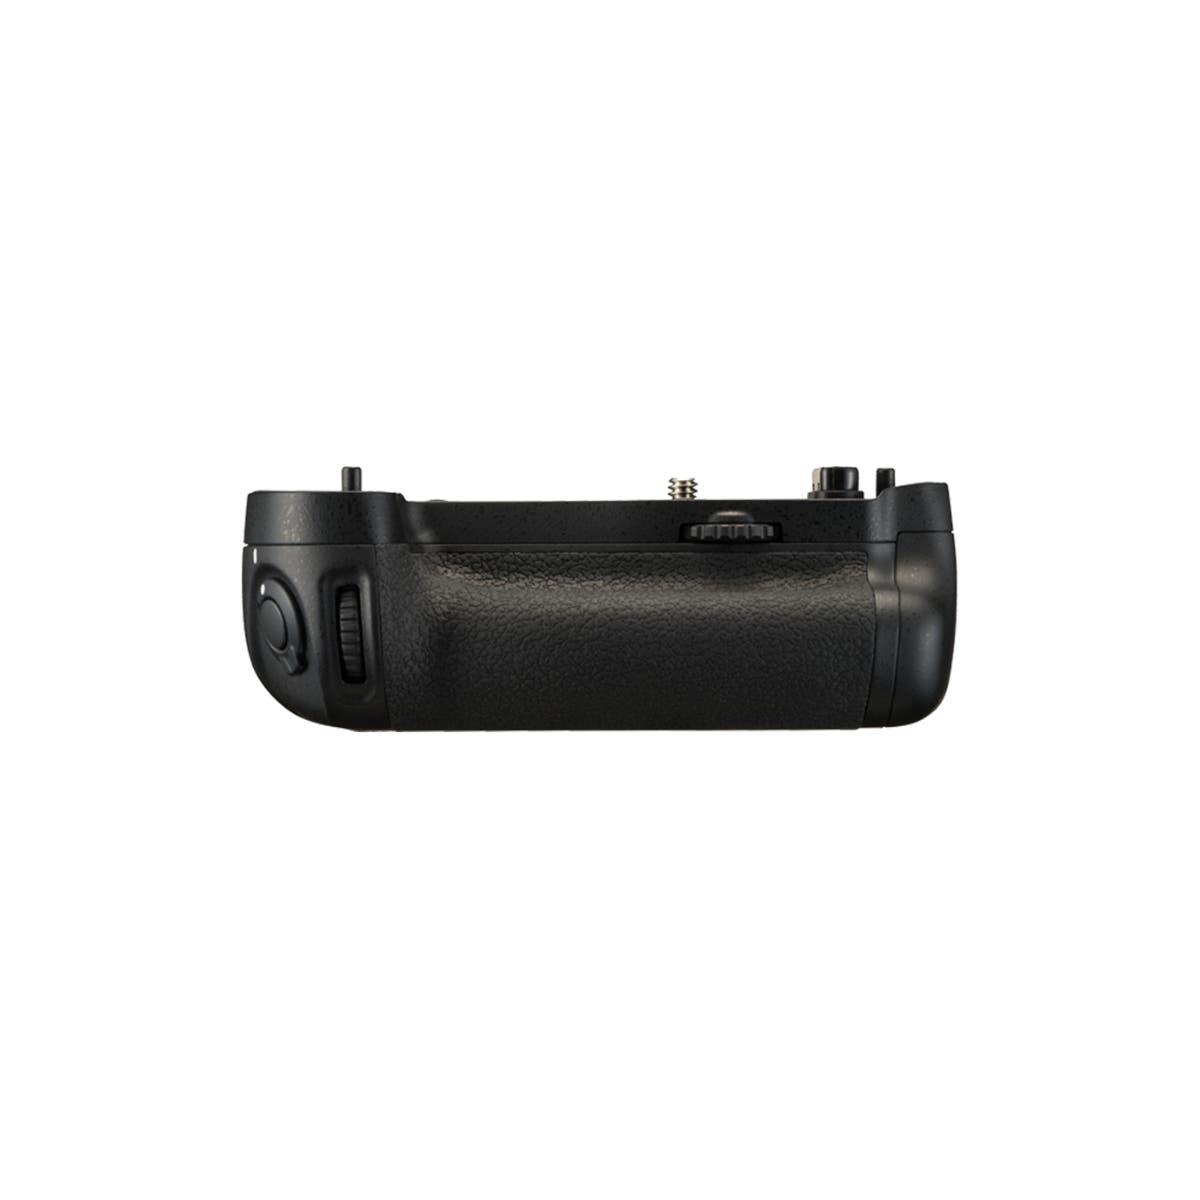 MB-D16 Multi Power Battery Pack